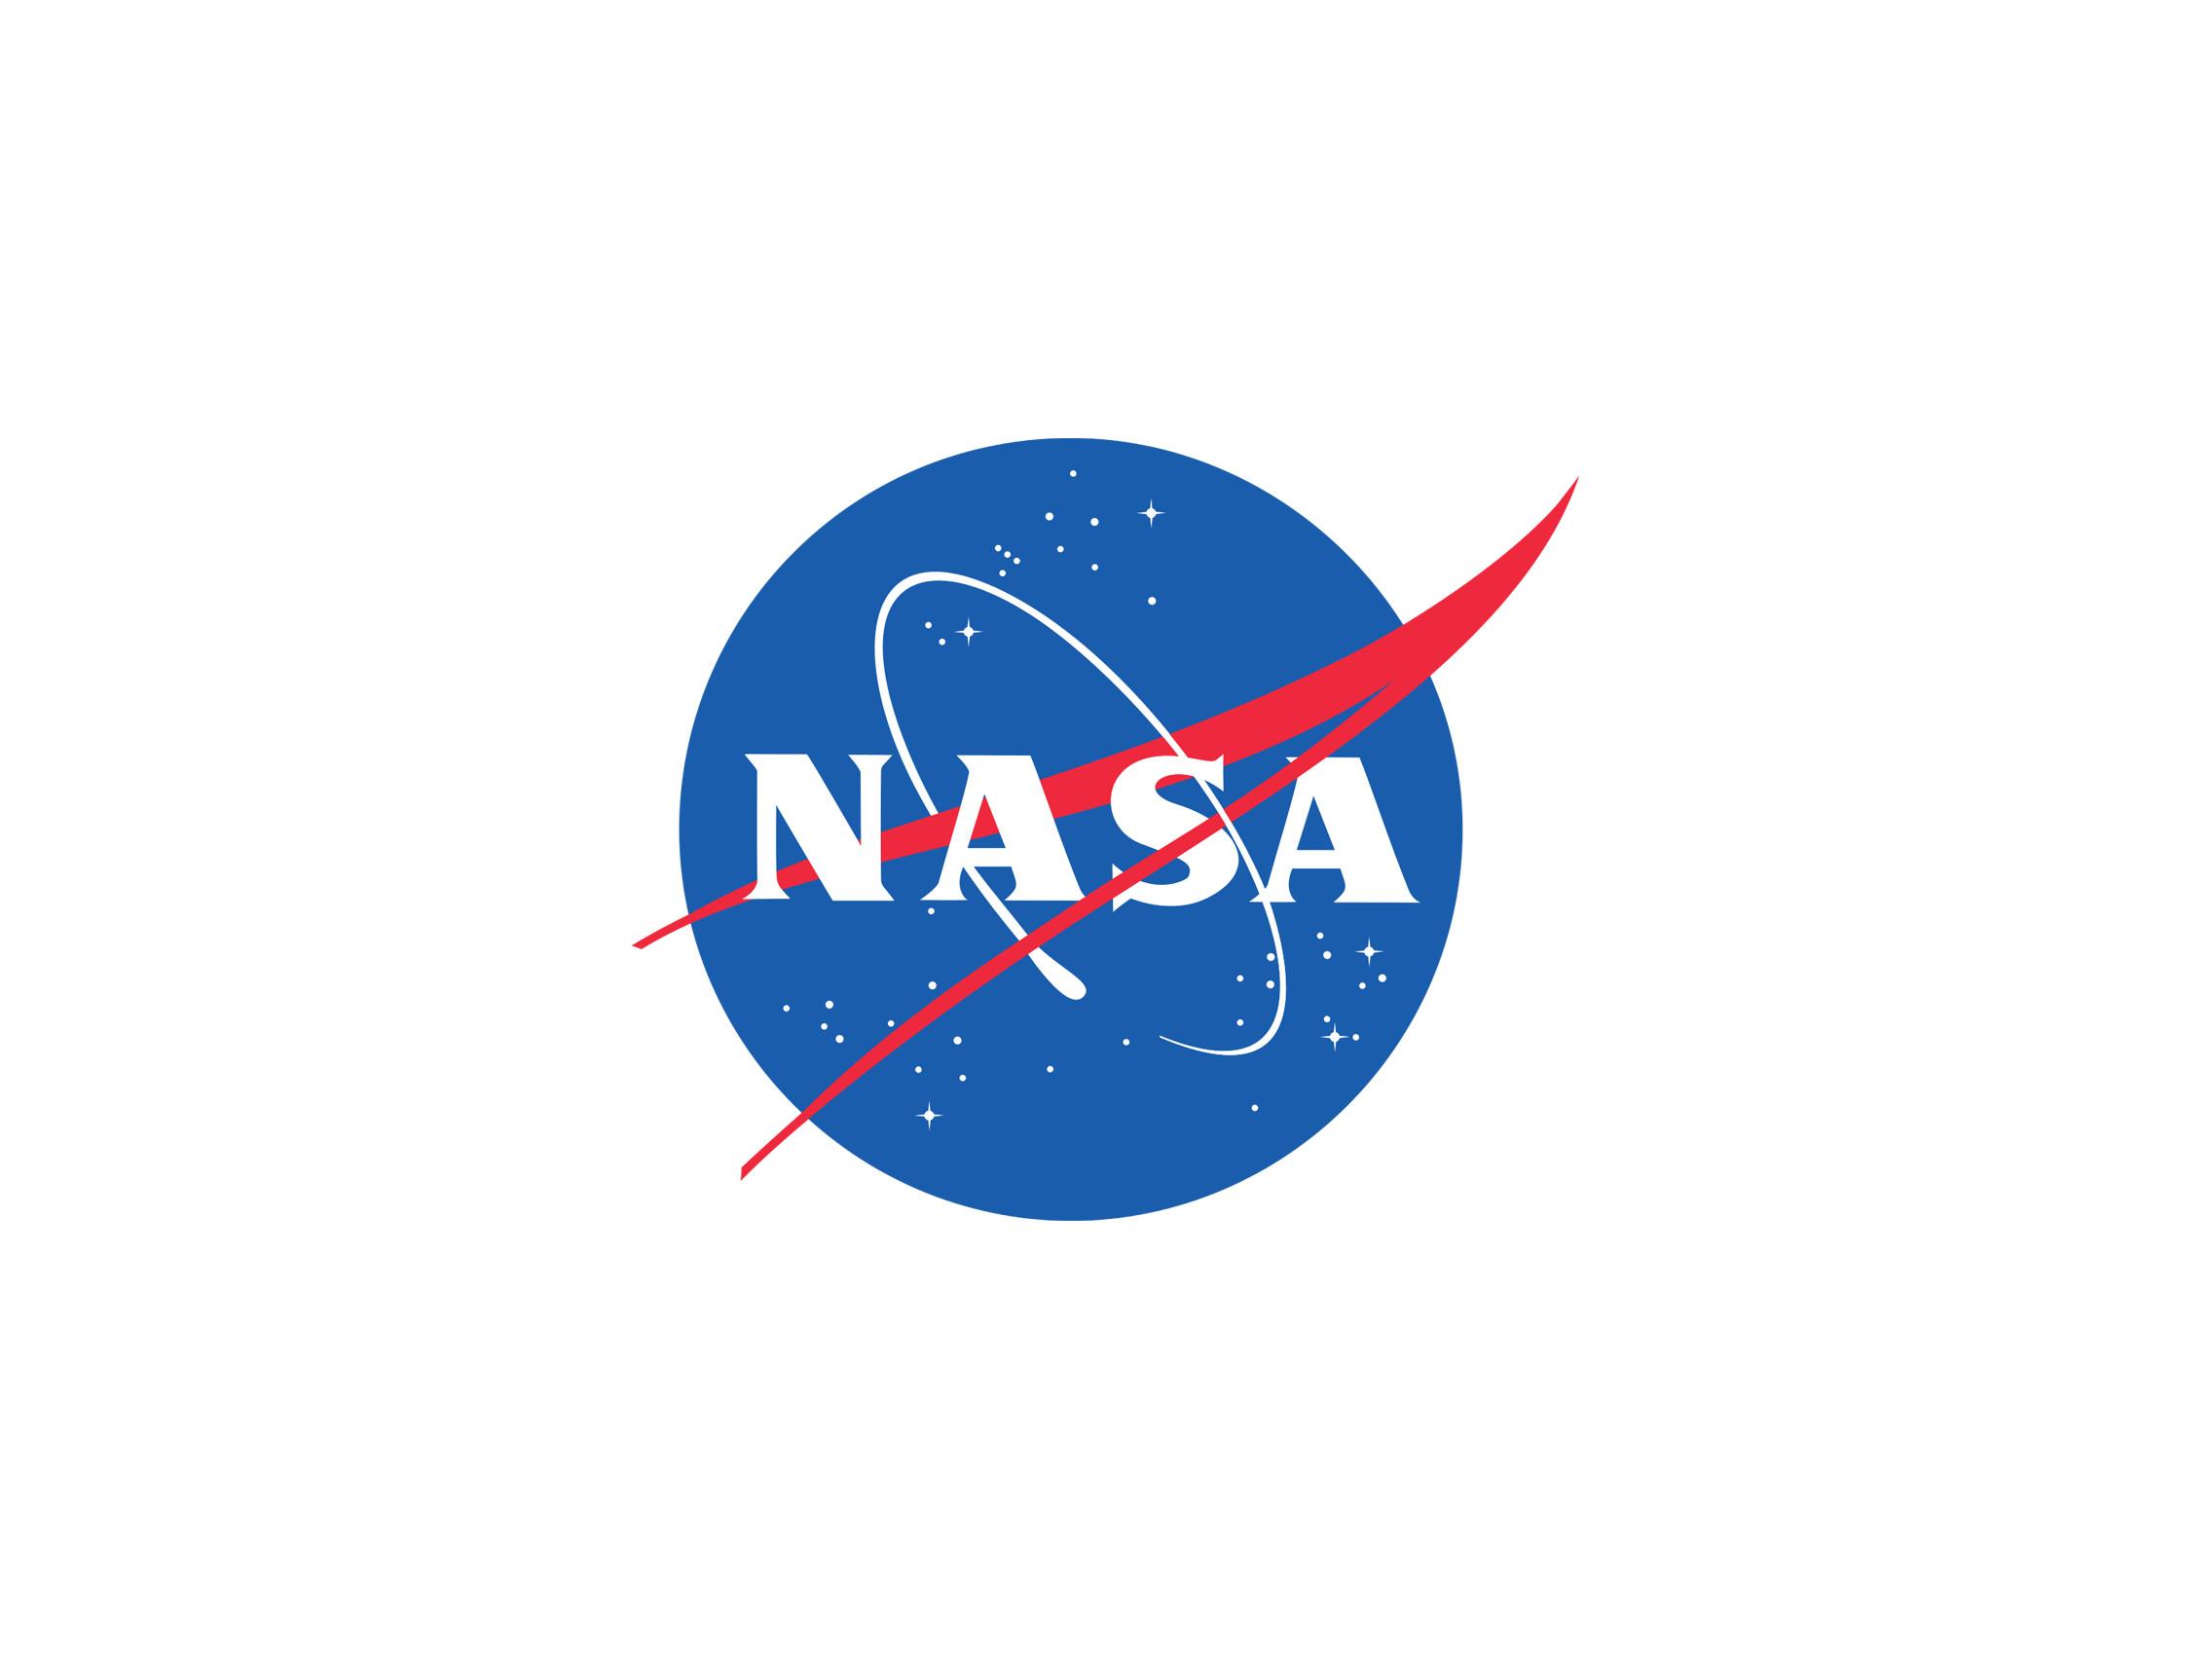 Nasa Logo Wallpaper 61 Images